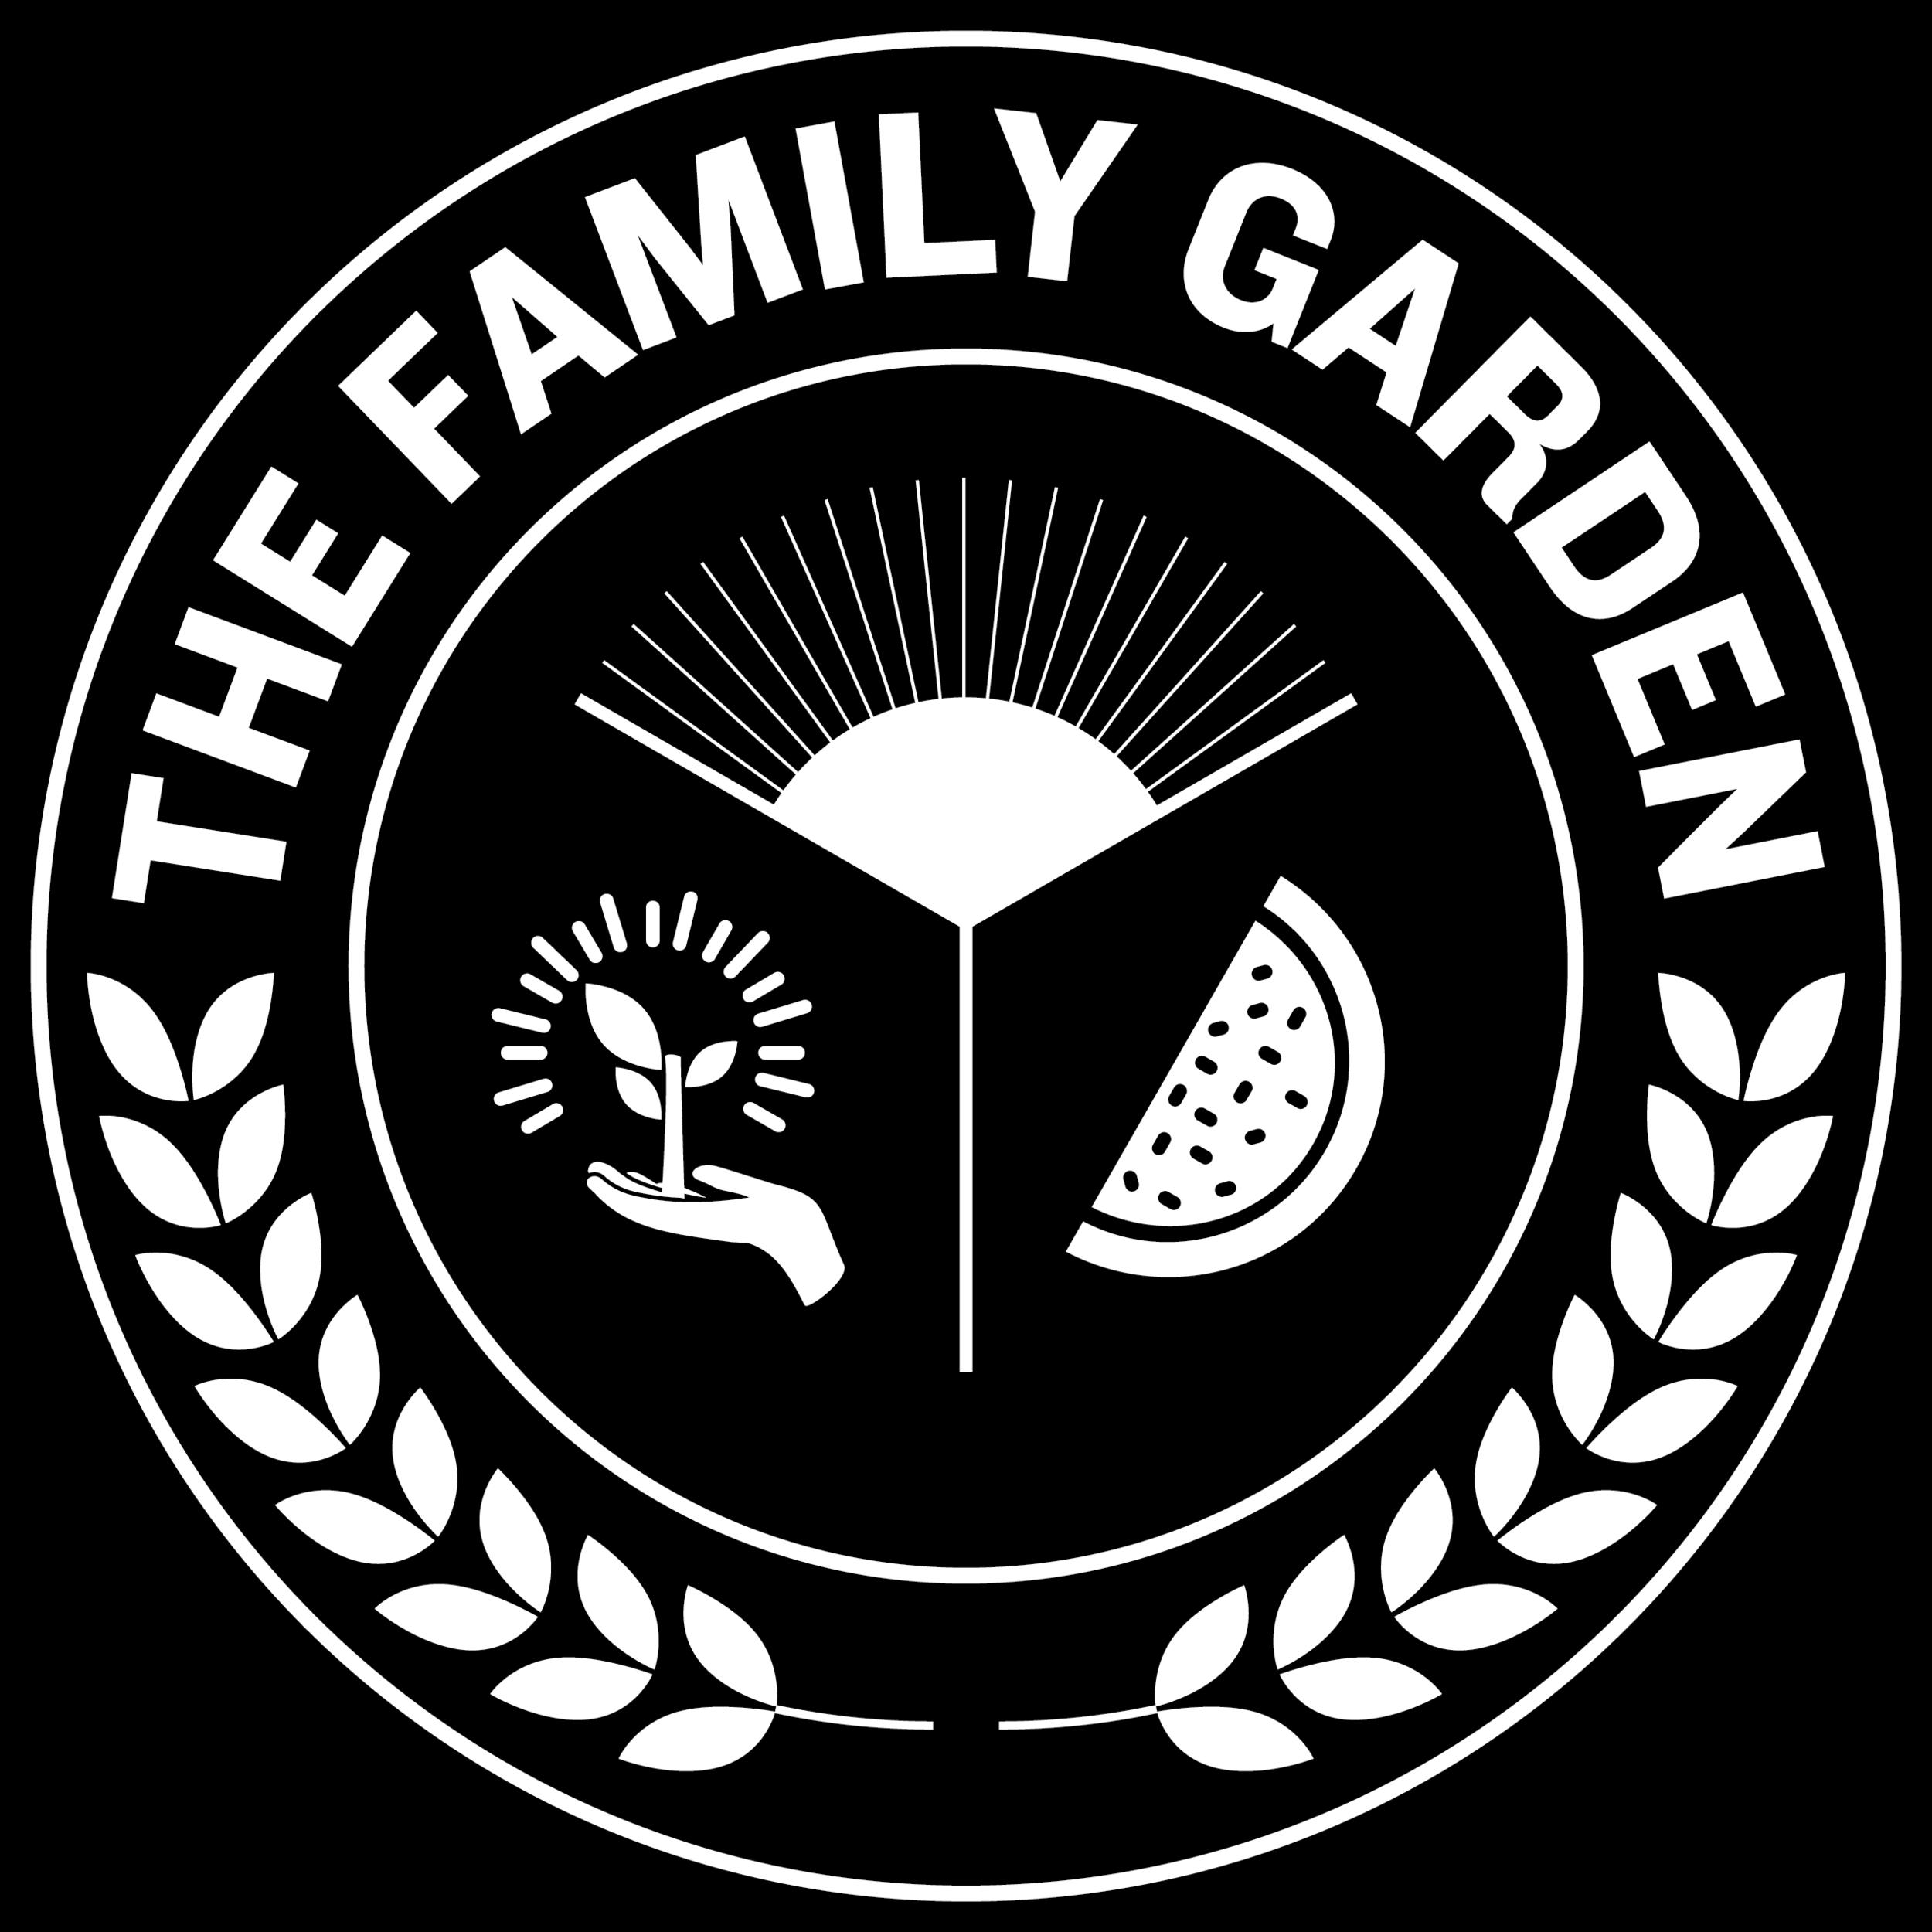 The Family Garden_logo 1.png